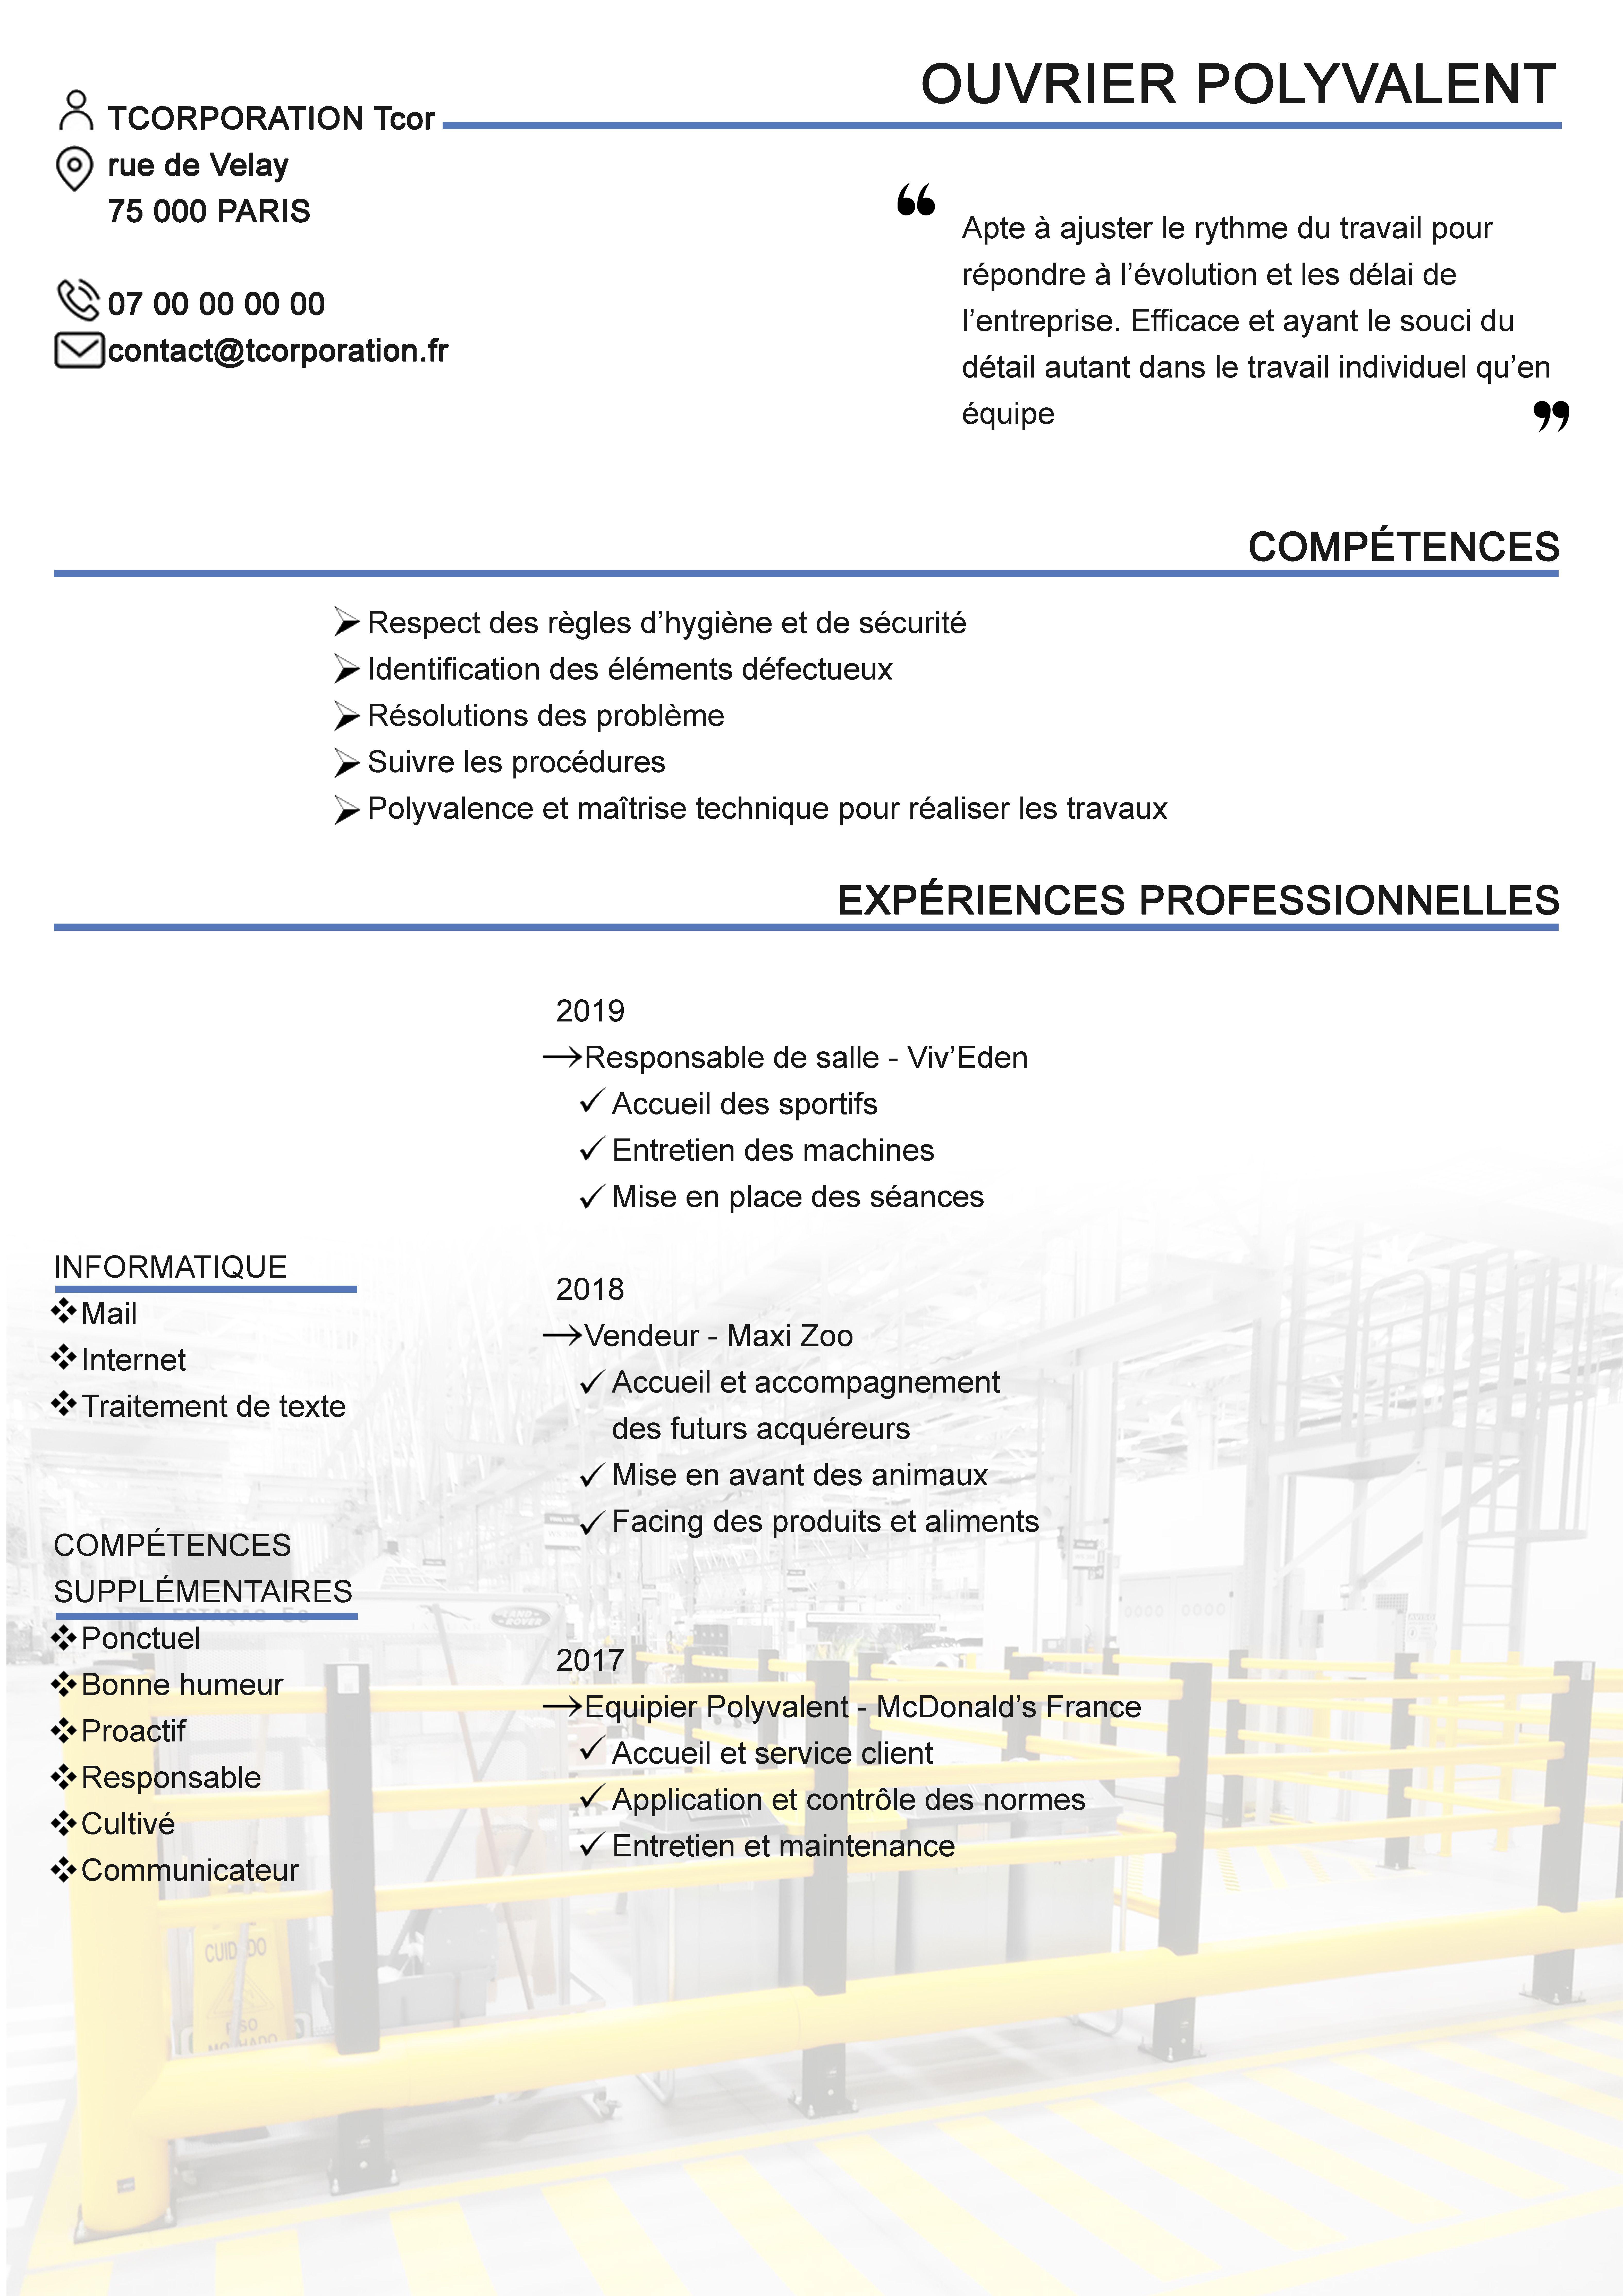 Ouvrier Polyvalent Cv Experiences Professionnelles Formations Competences Cv Simple Le Cv Competences